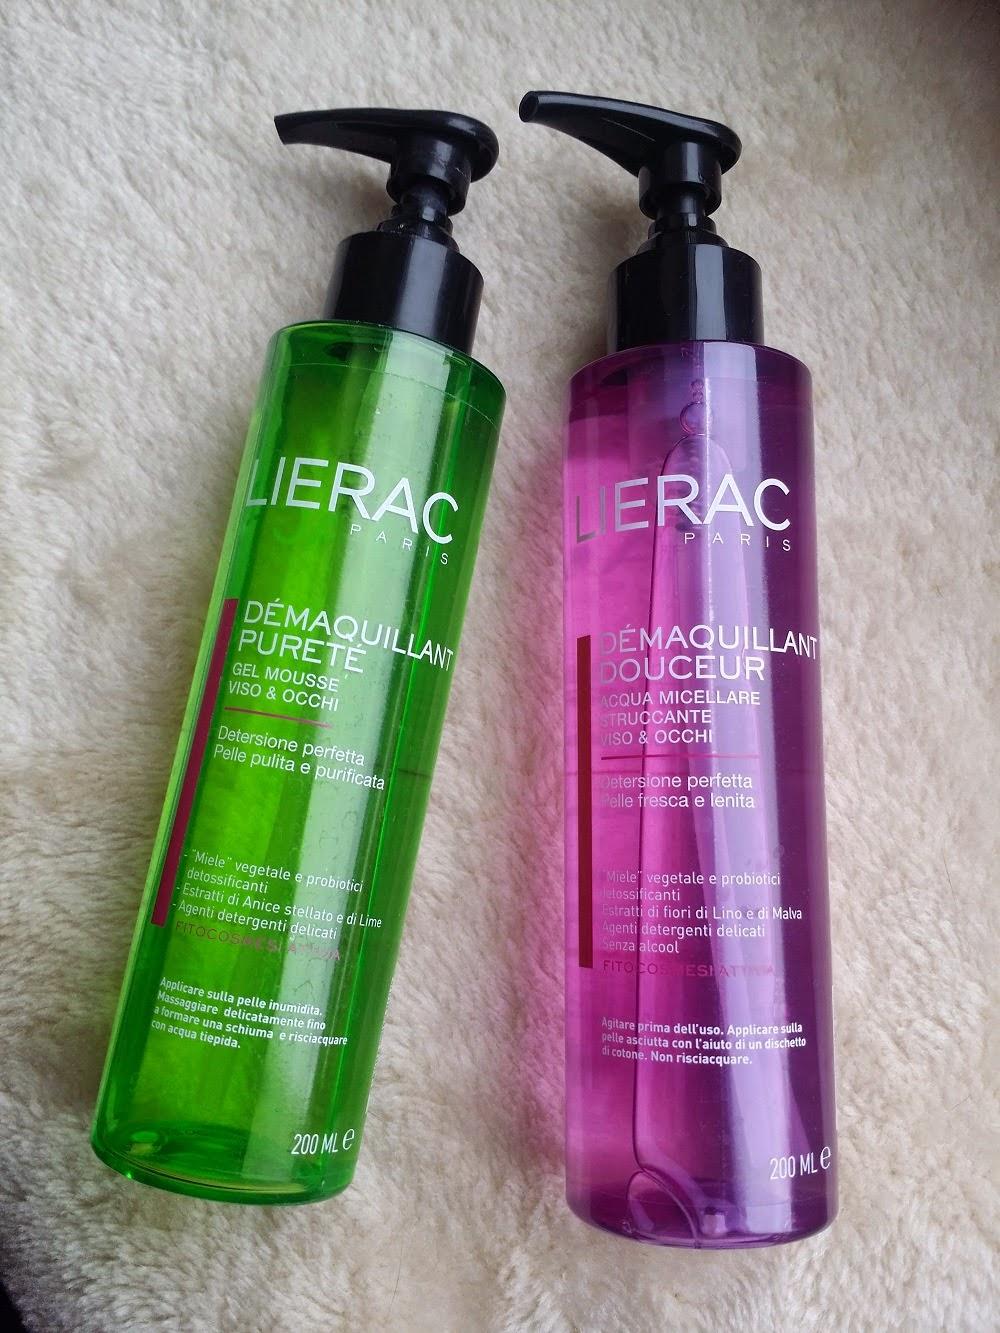 Gesichtsreinigung von Lierac, Reinigungsprodukte, Reinigungsgel, Mizellenwasser, Waschroutine